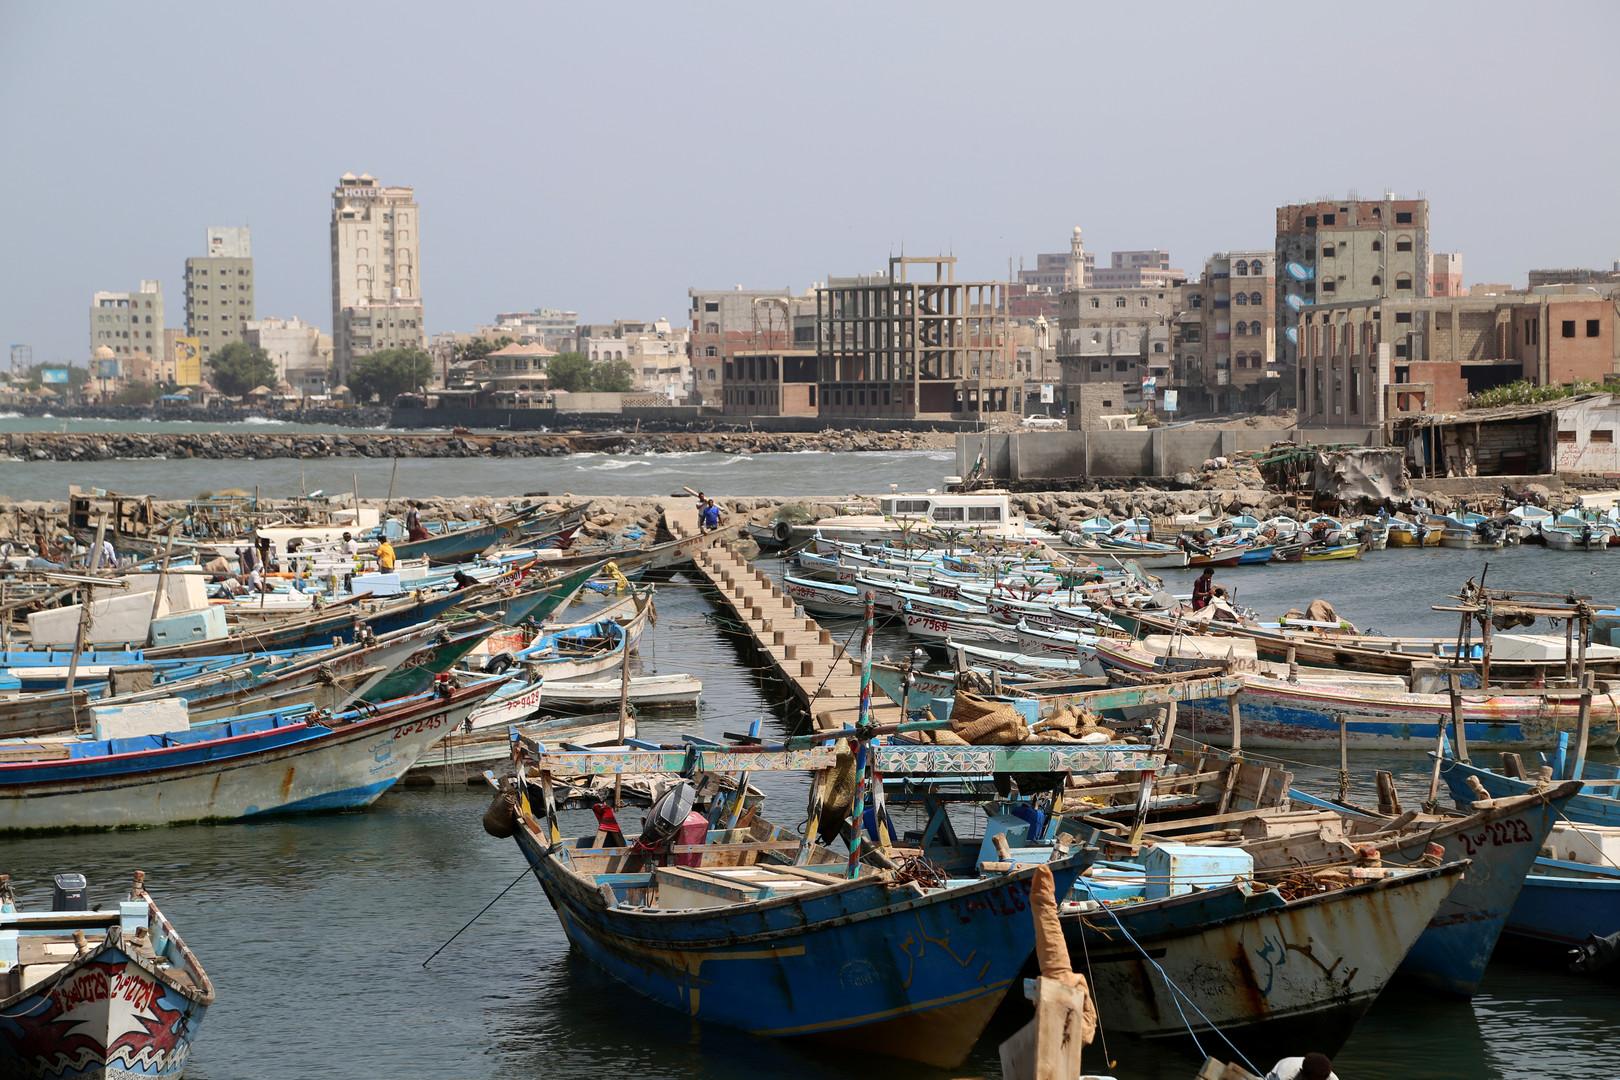 الأمم المتحدة: الحوثيون سينسحبون من موانئ الحديدة والصليف ورأس عيسى